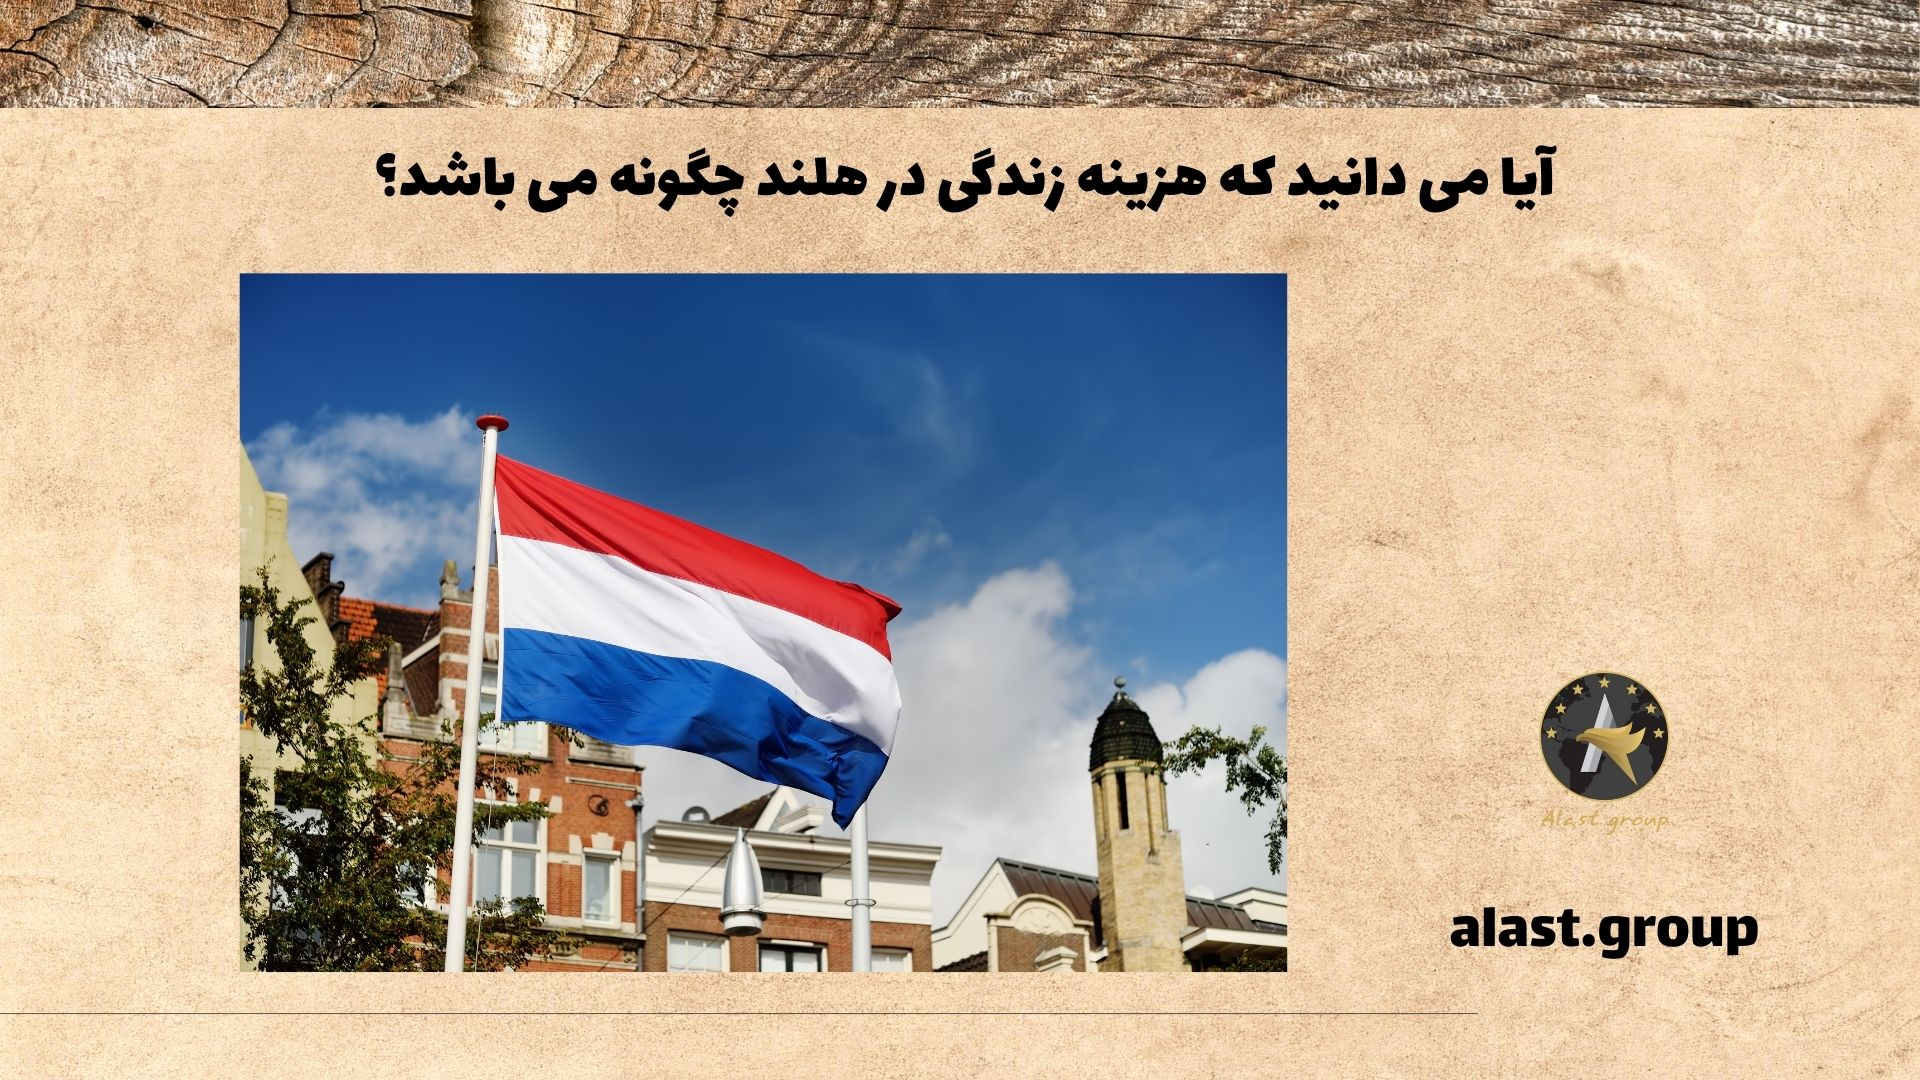 آیا می دانید که هزینه زندگی در هلند چگونه می باشد؟